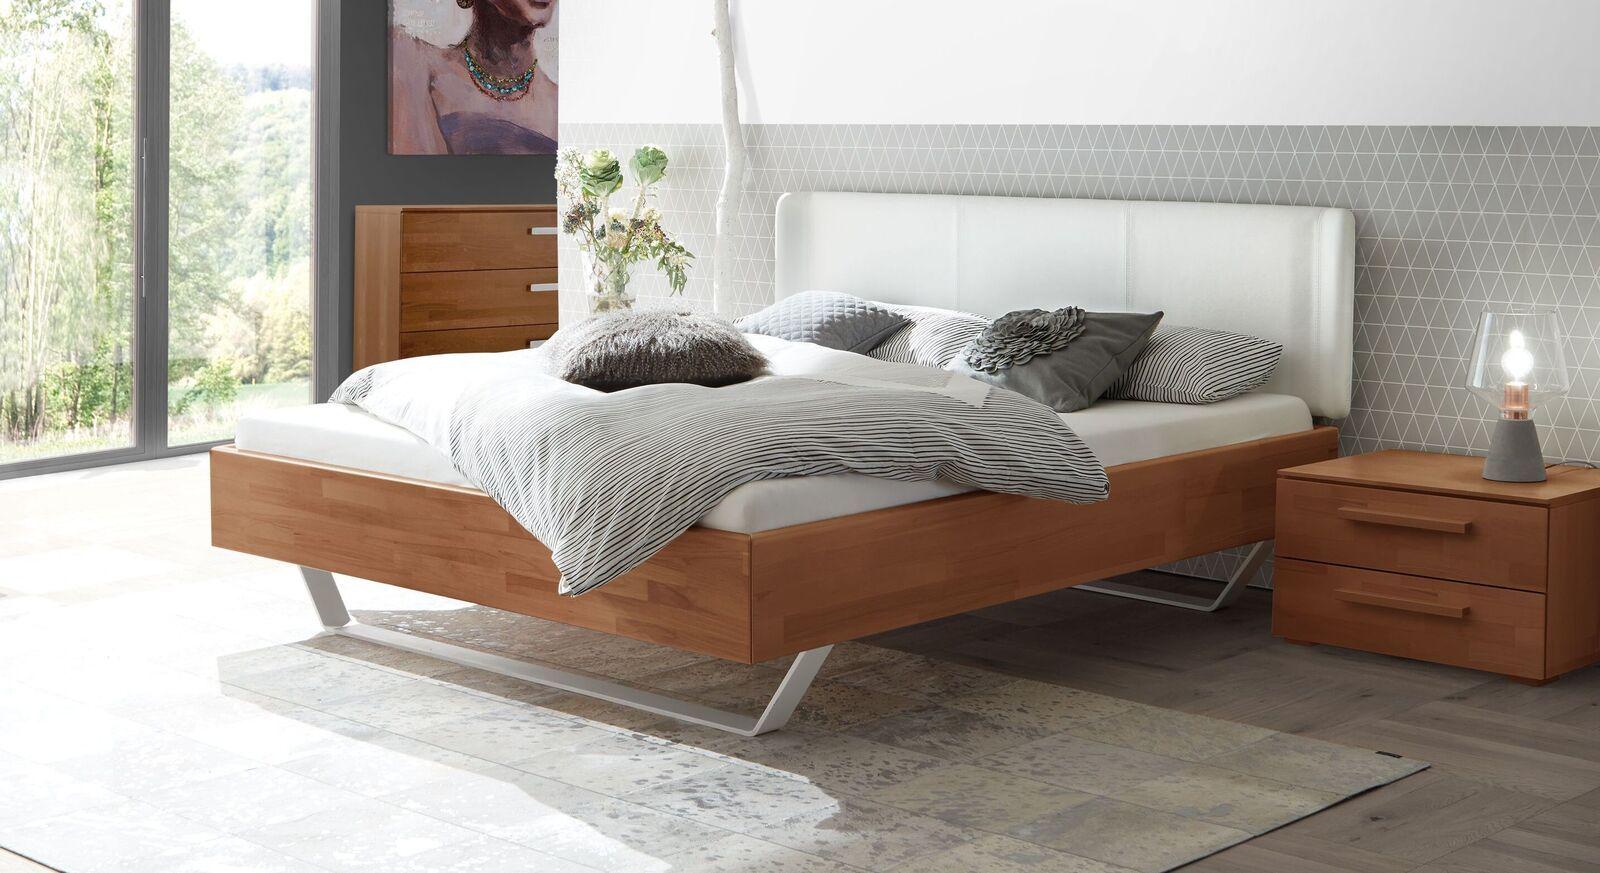 Schwebebett Aus Buche Mit Weißen Kufen Und Kunstleder Maldova Bett Ideen Schwebendes Bett Bett